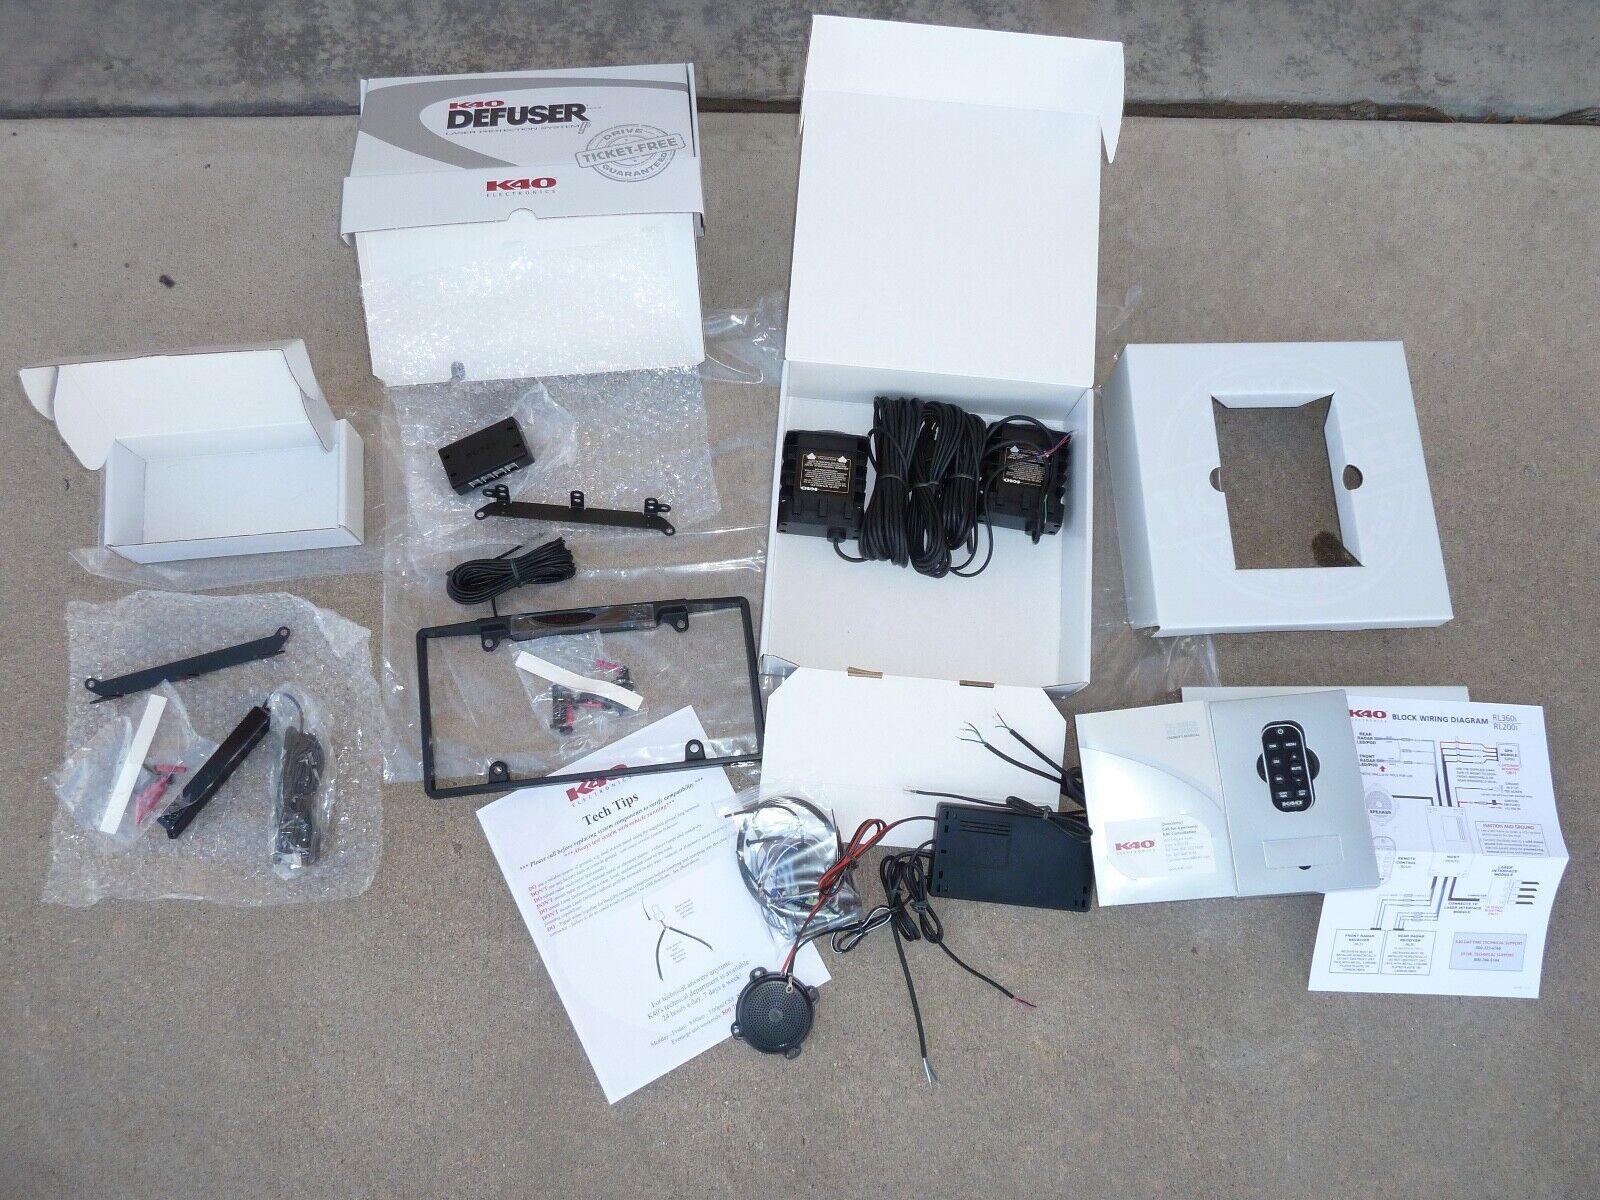 K40 Rl360i Built-in Radar Detector Complete Kit 2 Transponders for sale  online | eBayeBay